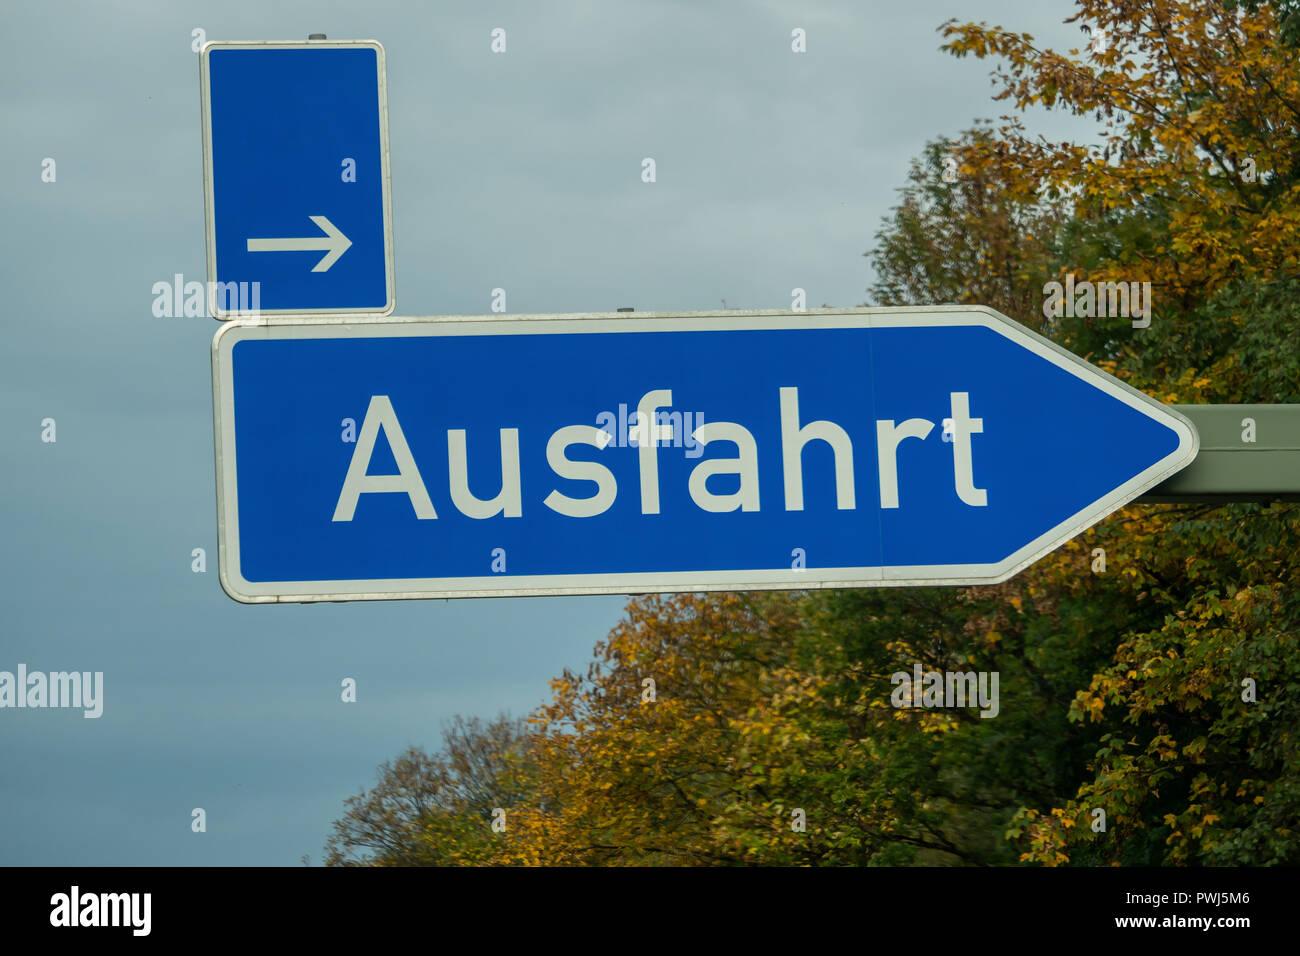 Schild Ausfahrt Auf Der Autobahn Stockfoto Bild 222290438 Alamy